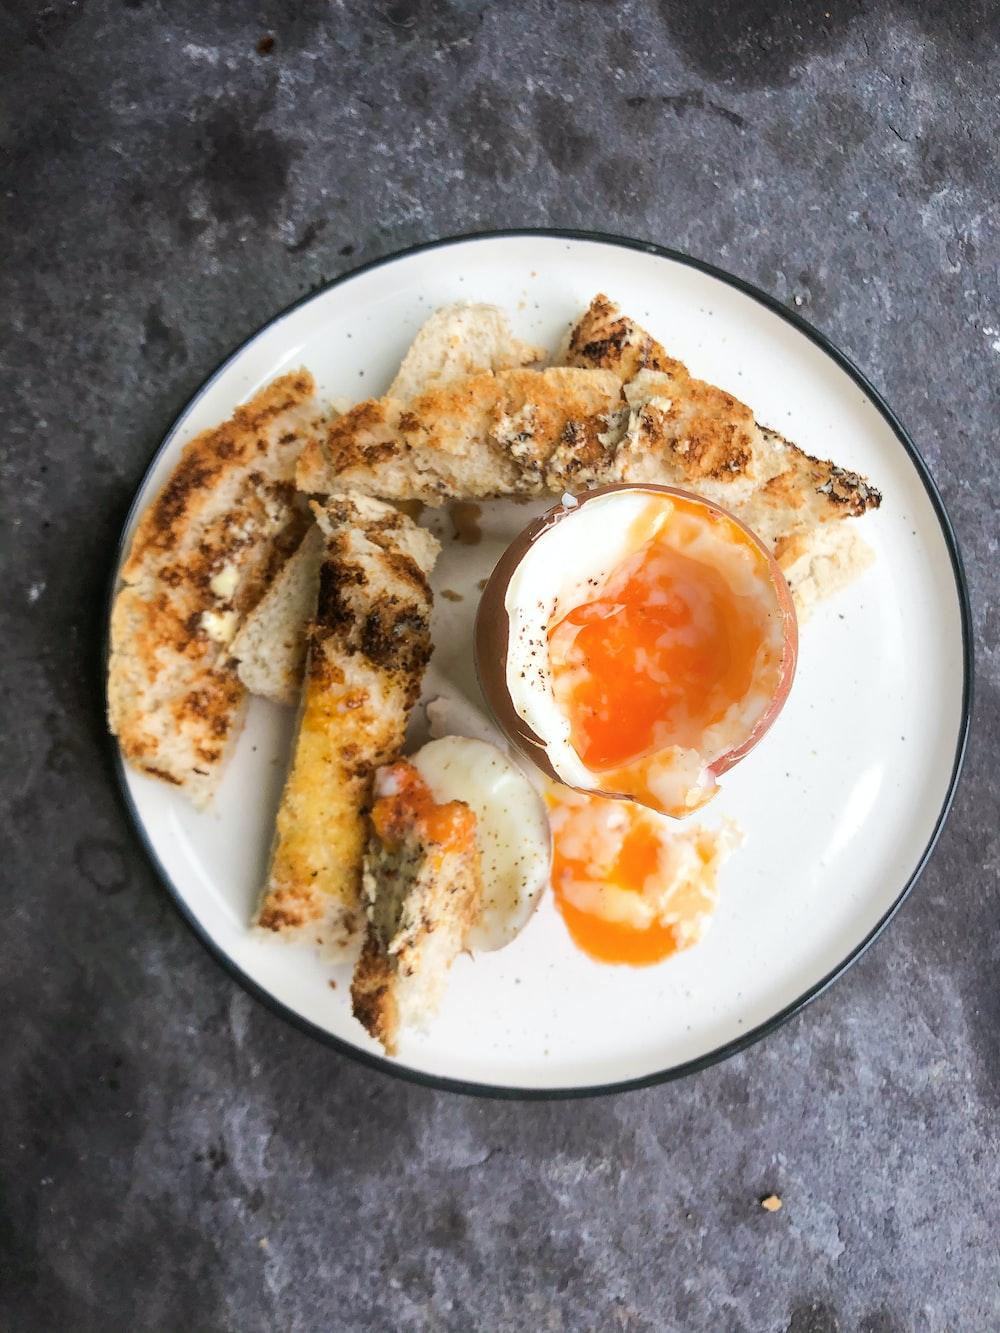 fried egg on white ceramic plate